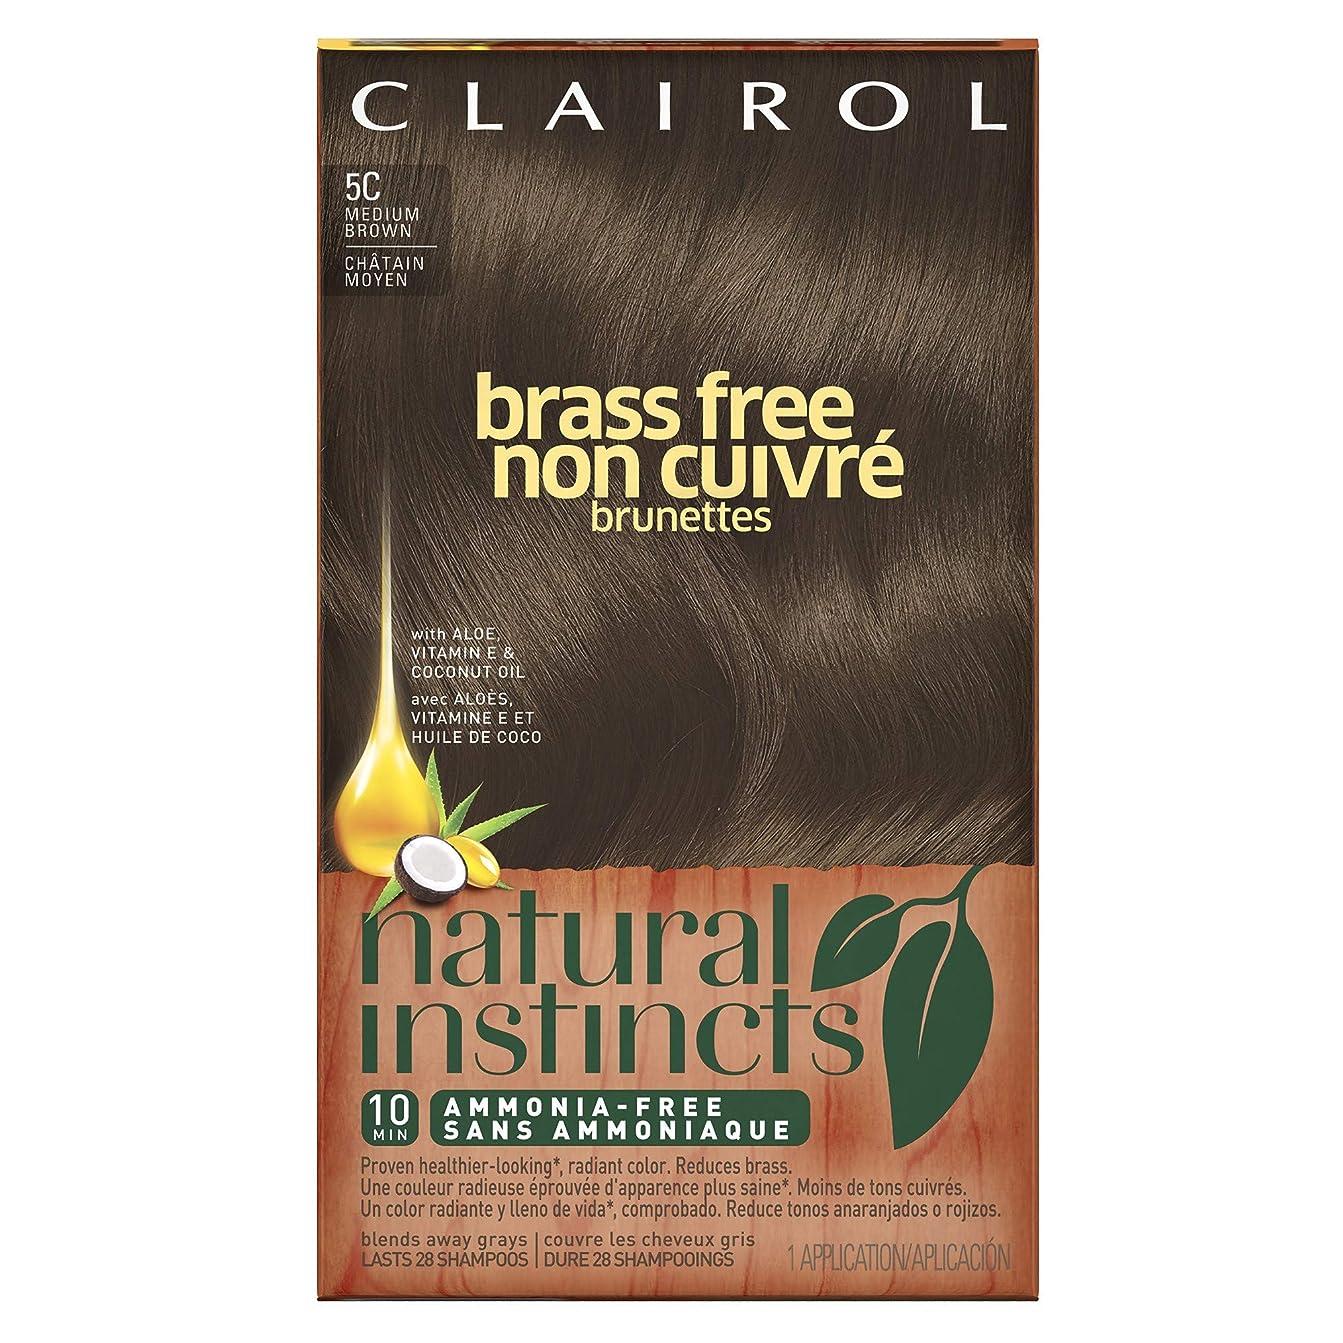 報いるデータ正規化Clairol 自然本能真鍮無料ヘアカラー、ミディアムブラウン[5C] 1 Eaは(6パック) 6パック 褐色